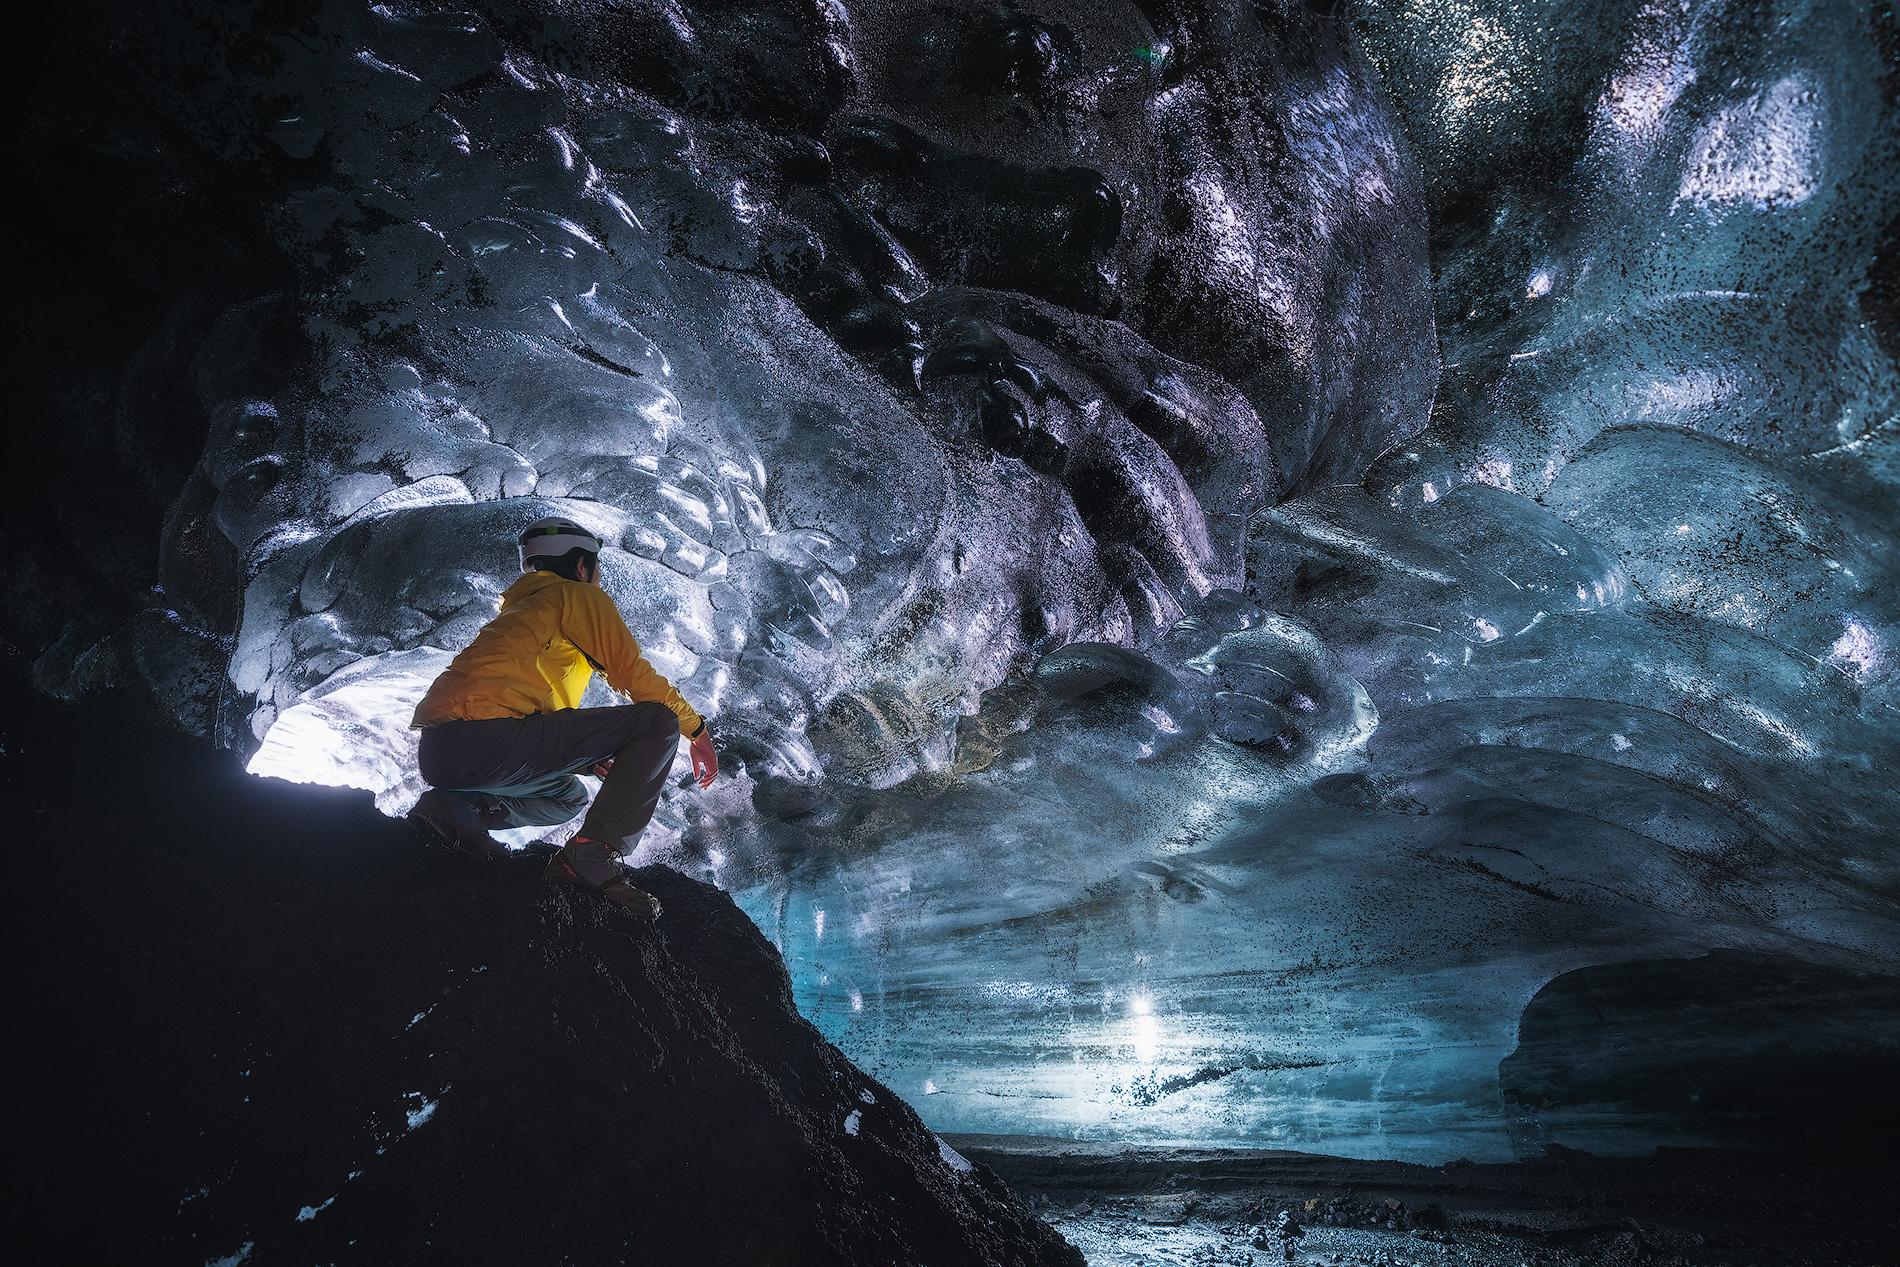 ミールダルスヨークトル氷河の洞窟内の様子